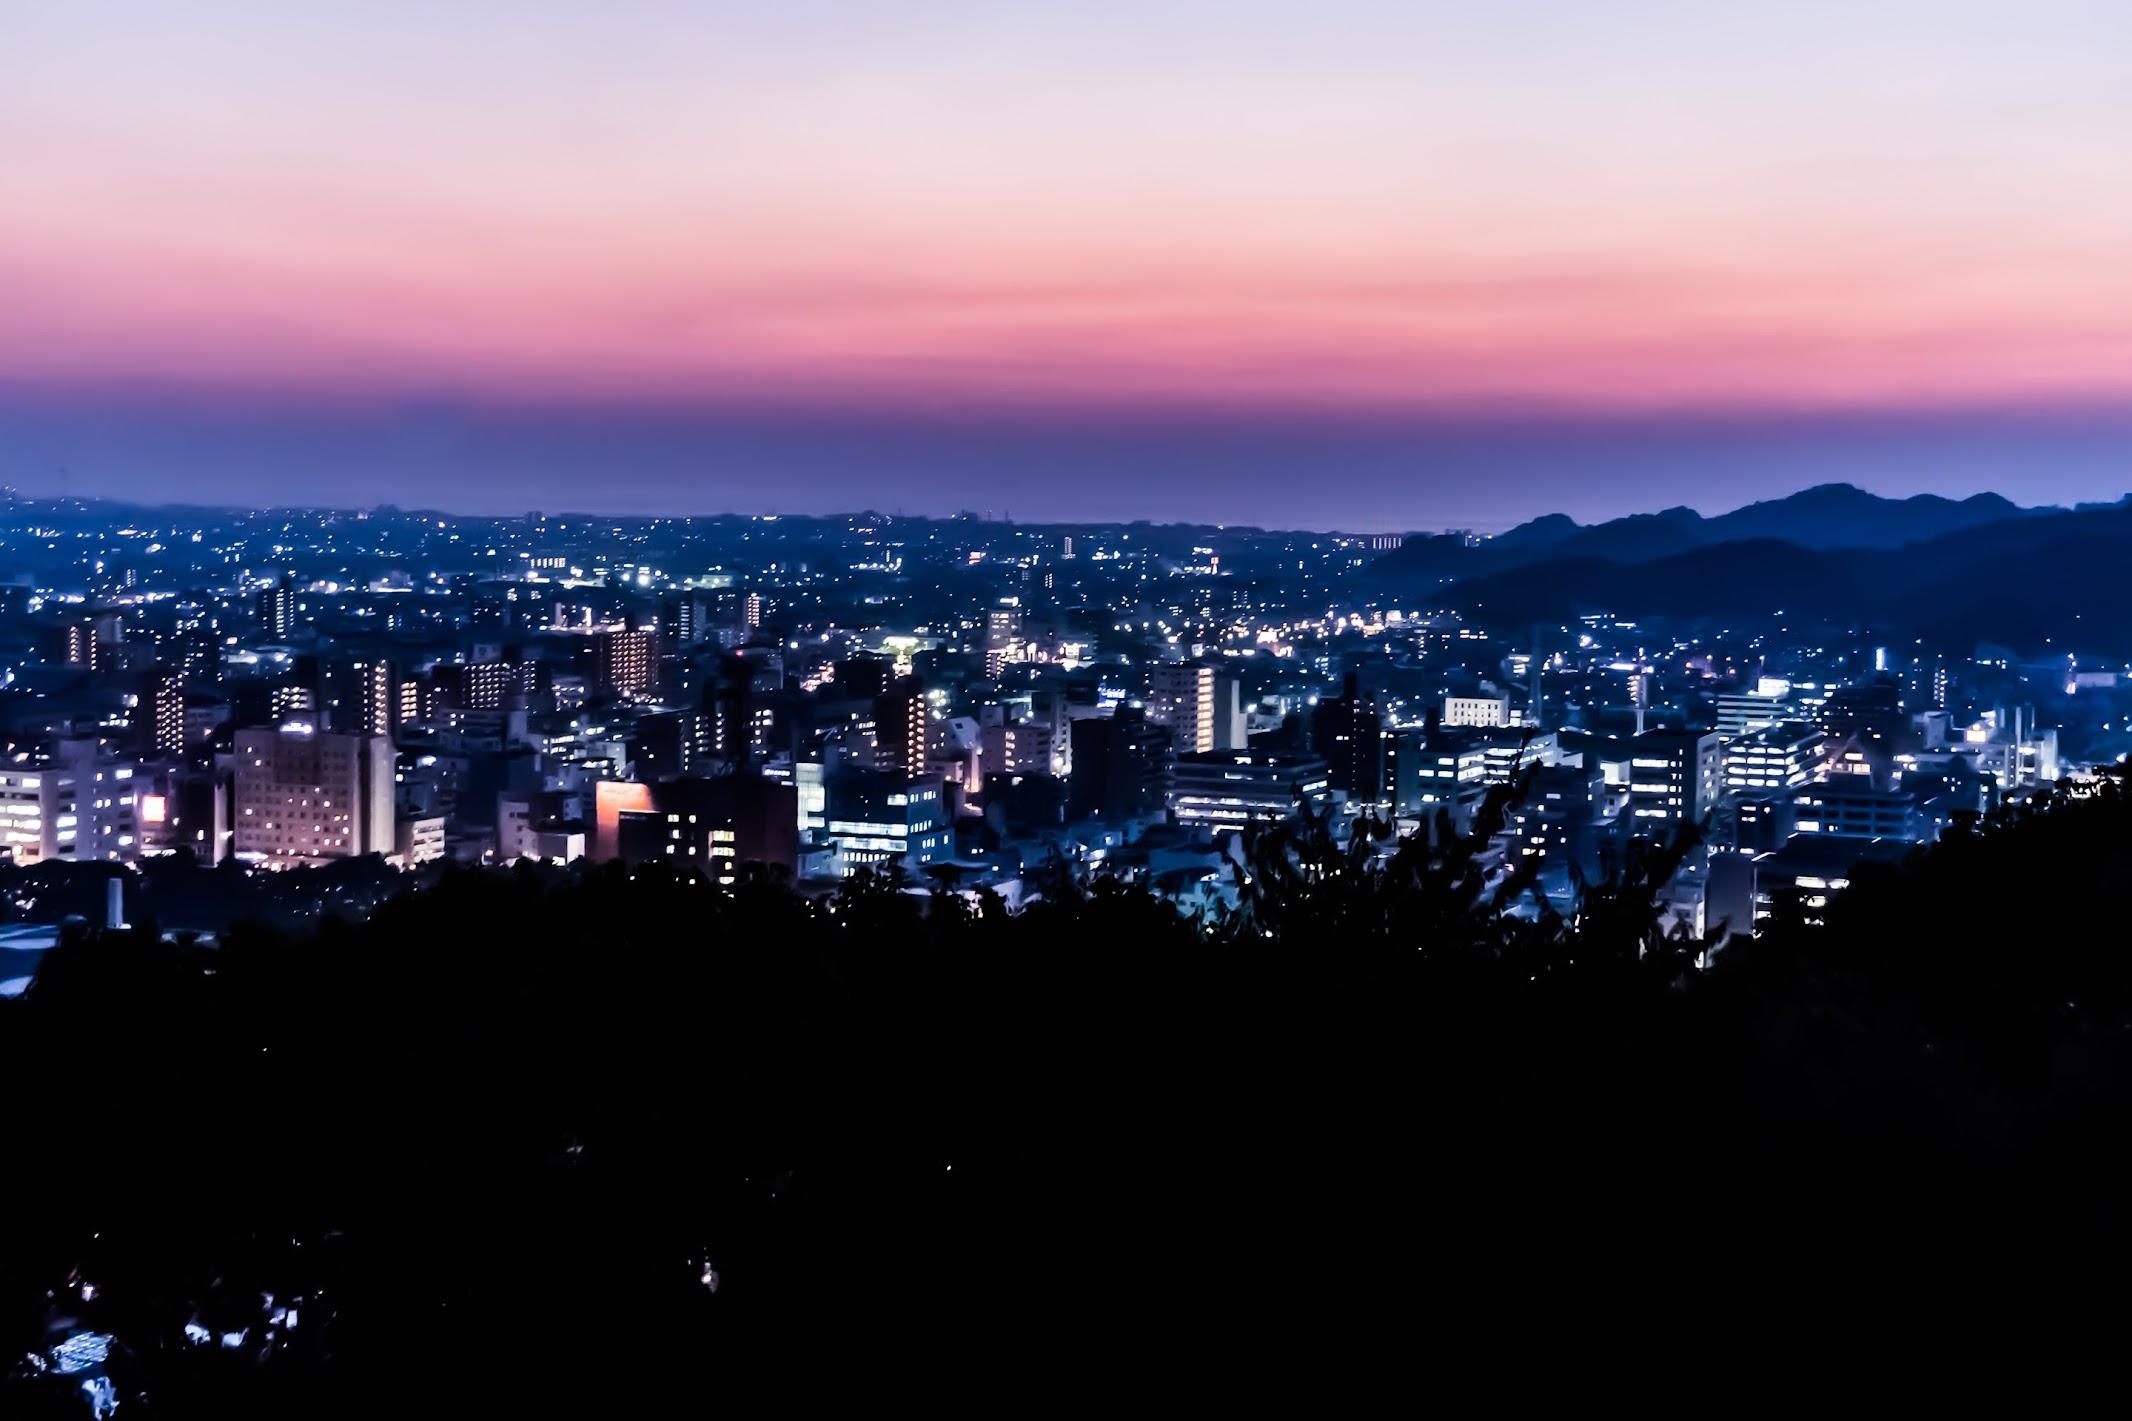 松山市 夜景